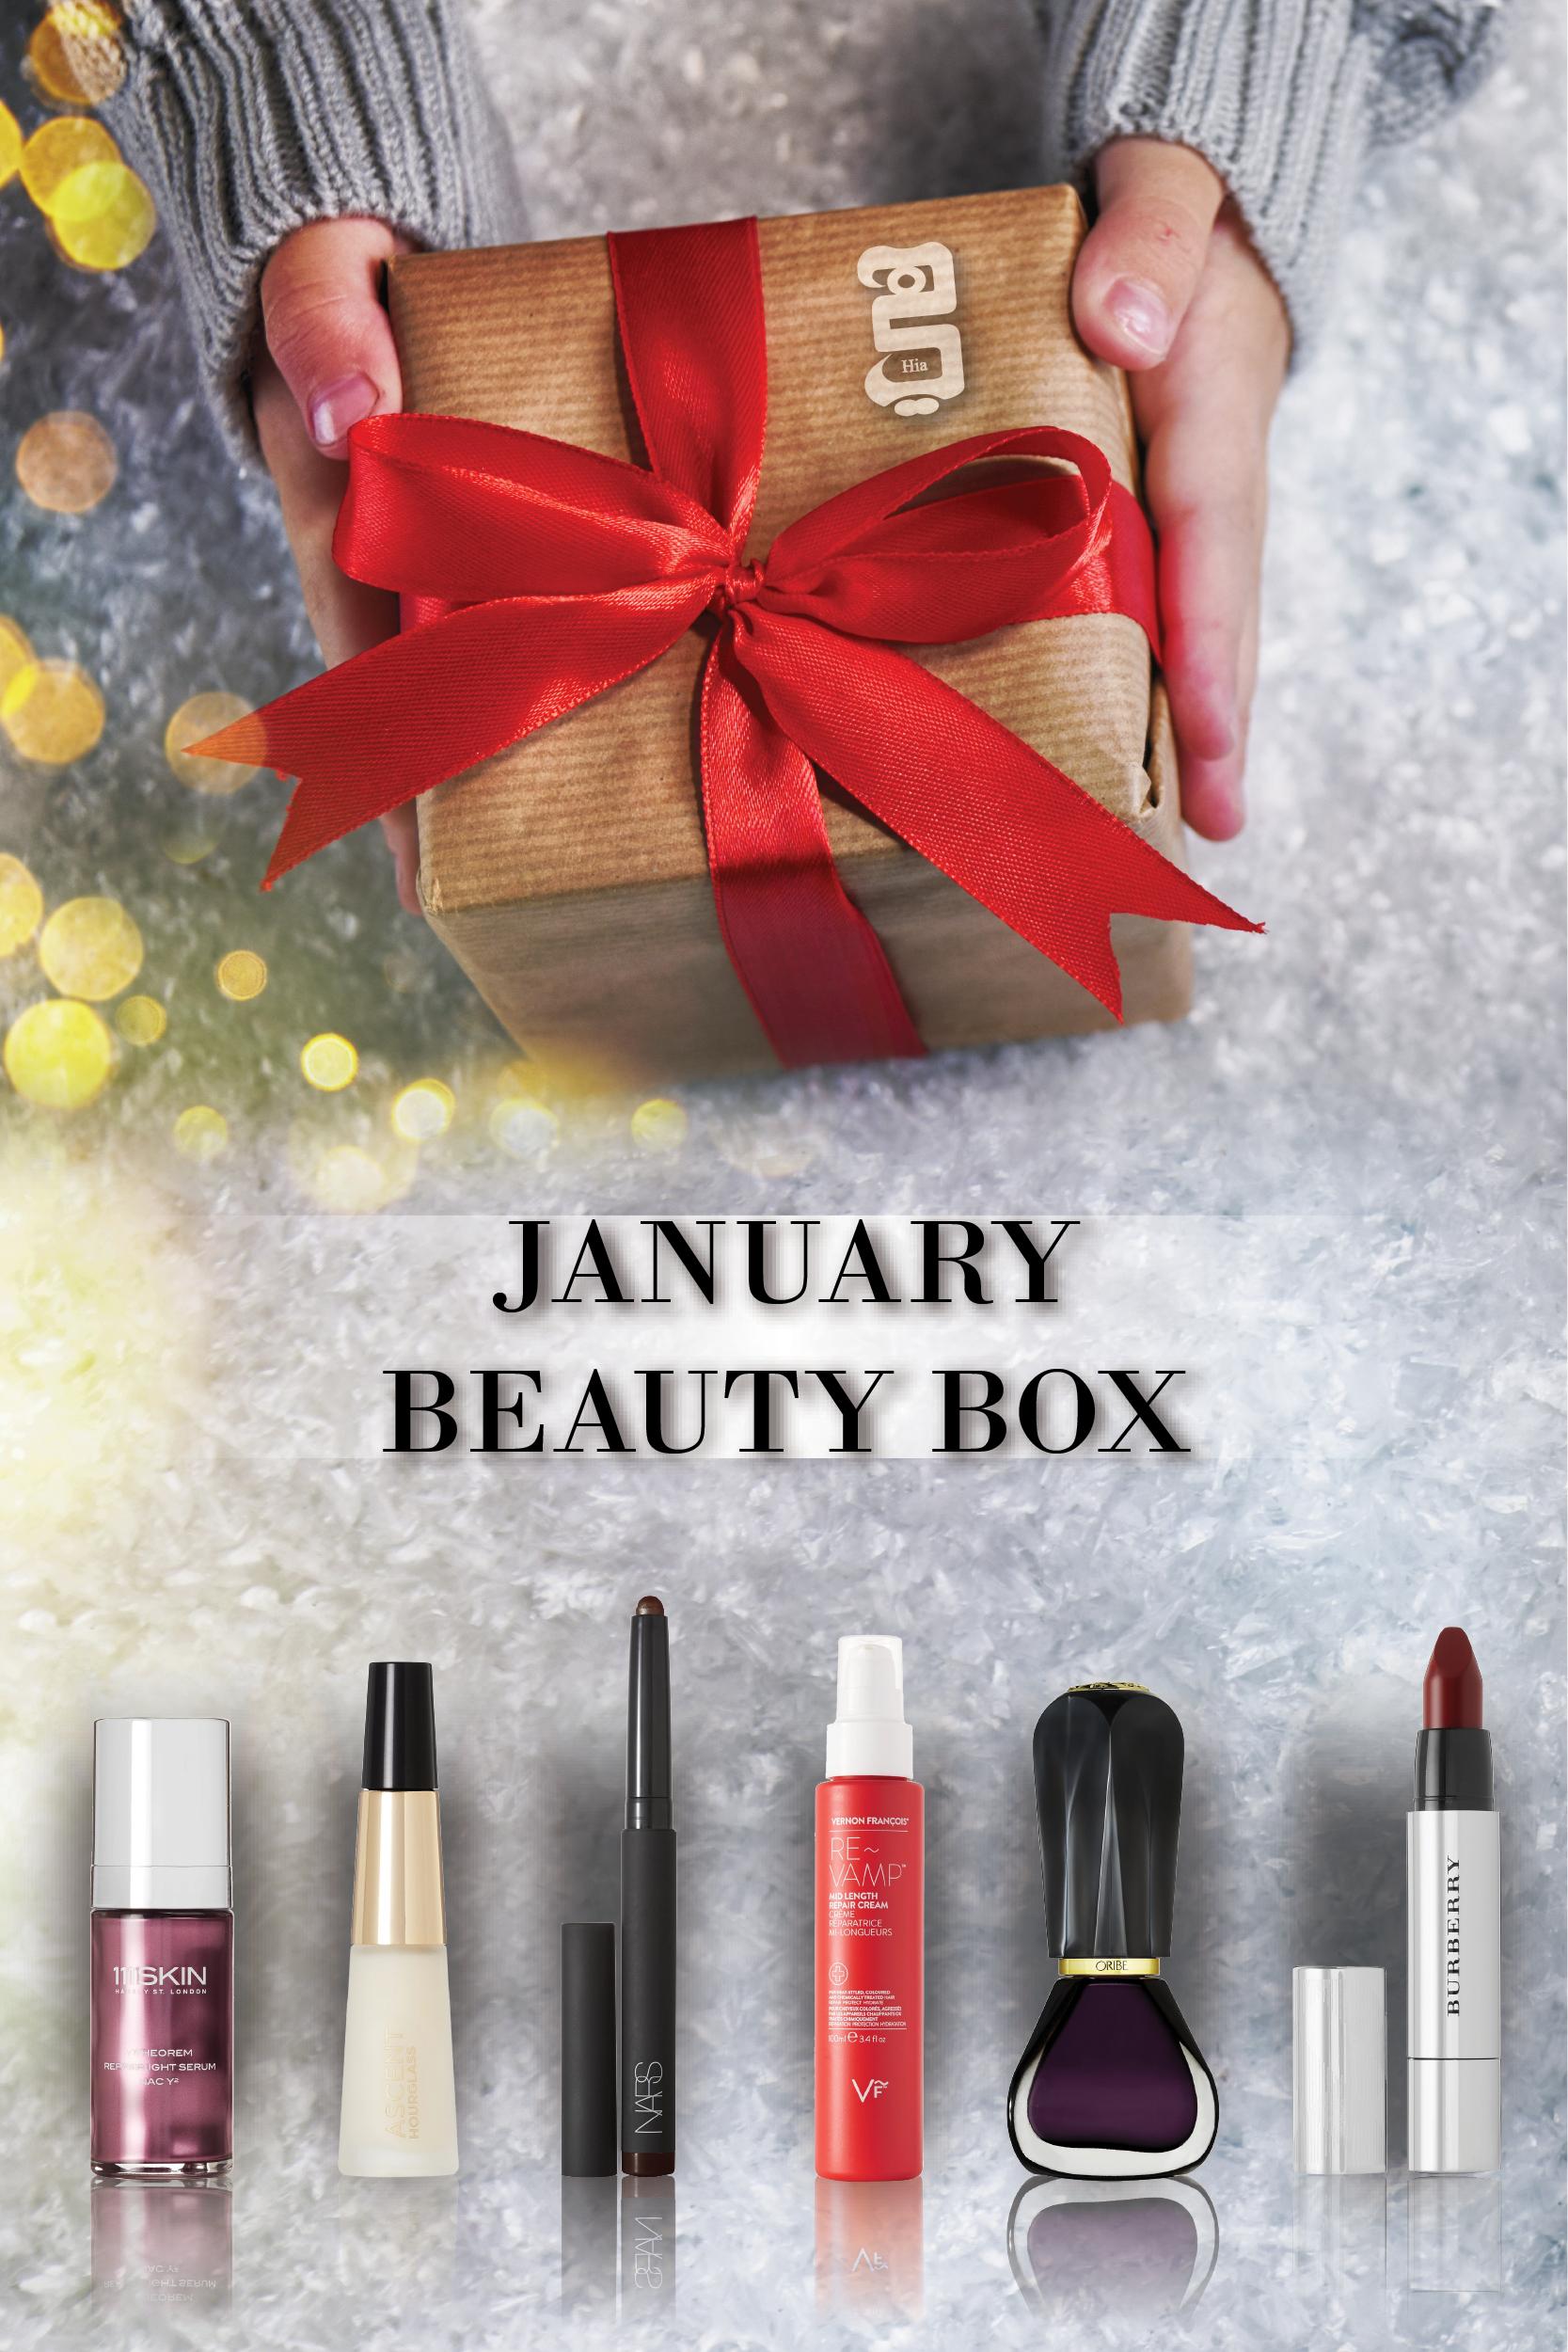 Beauty Box Must Have january بيوتي بكس يناير منتجات لن نستغني عنها من اختيار خبيرات الجمال